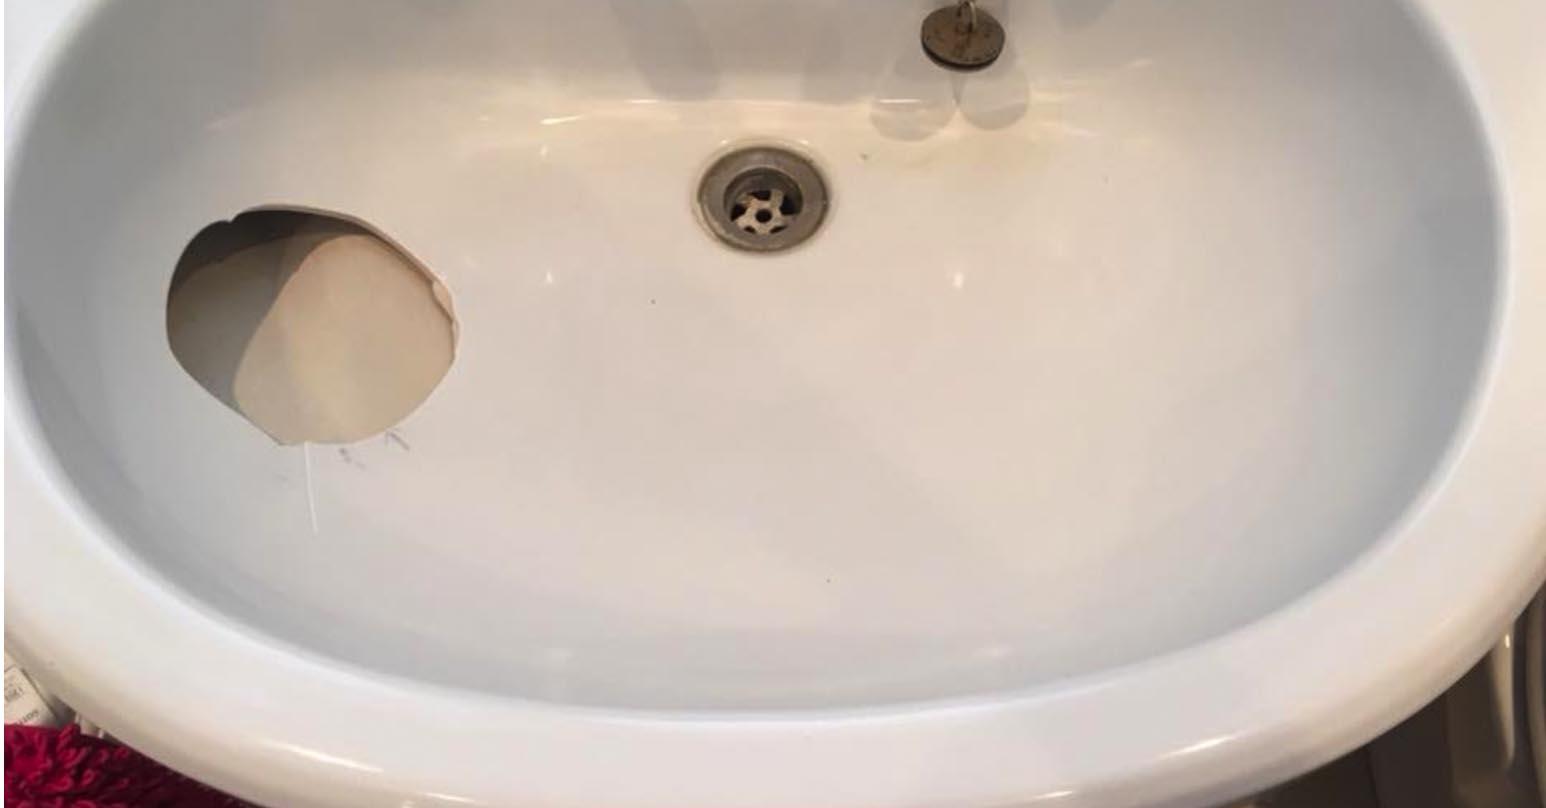 Damaged bathroom sink - Before repairing hole